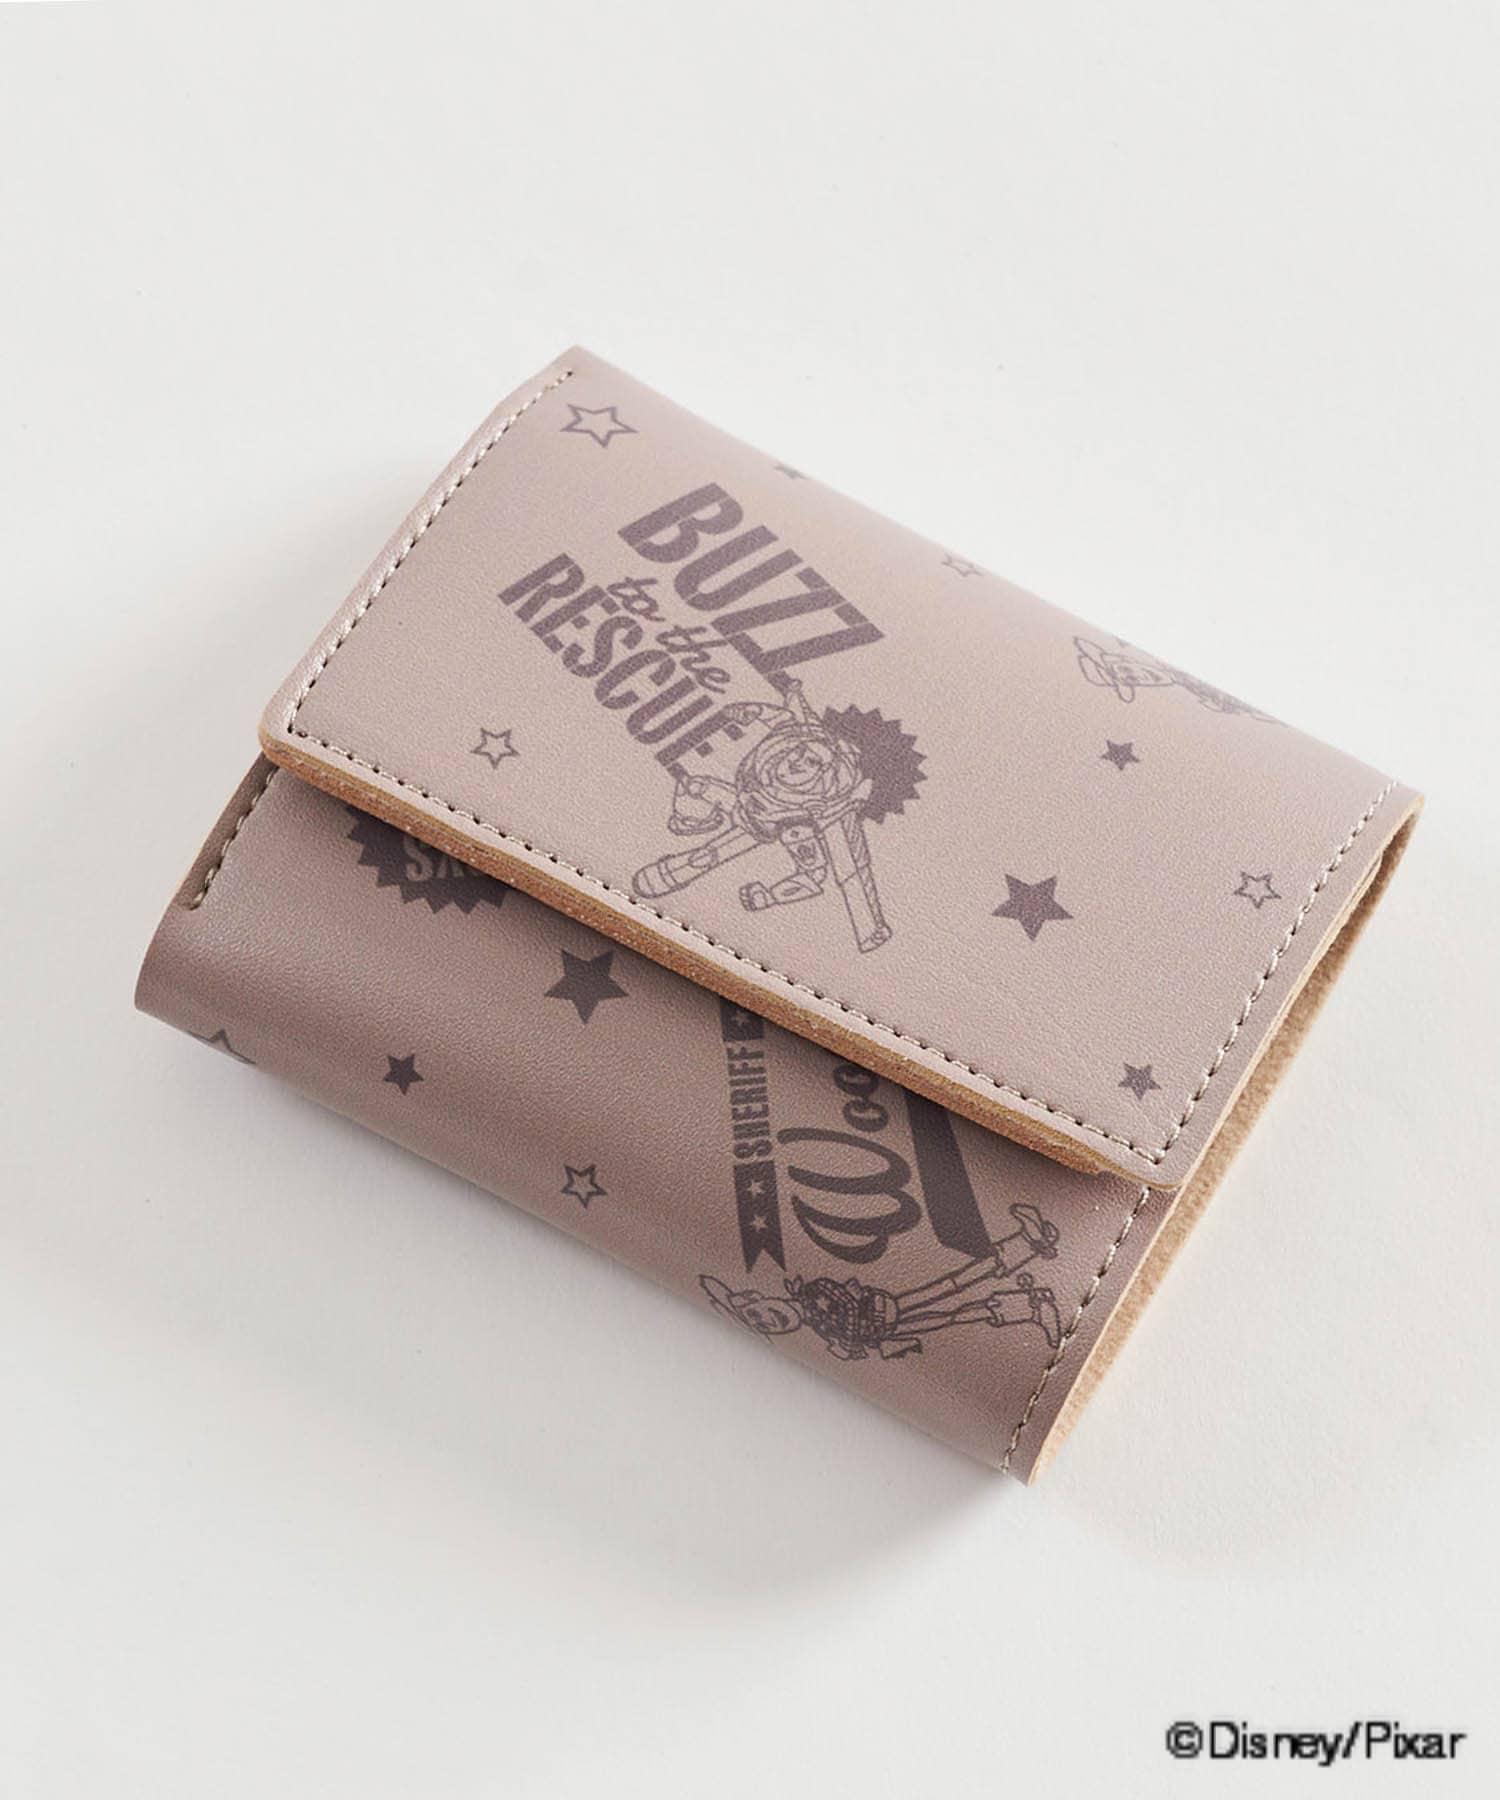 3COINS(スリーコインズ) ライフスタイル 【PIXAR PART1】コンパクト三つ折り財布 ブラウン